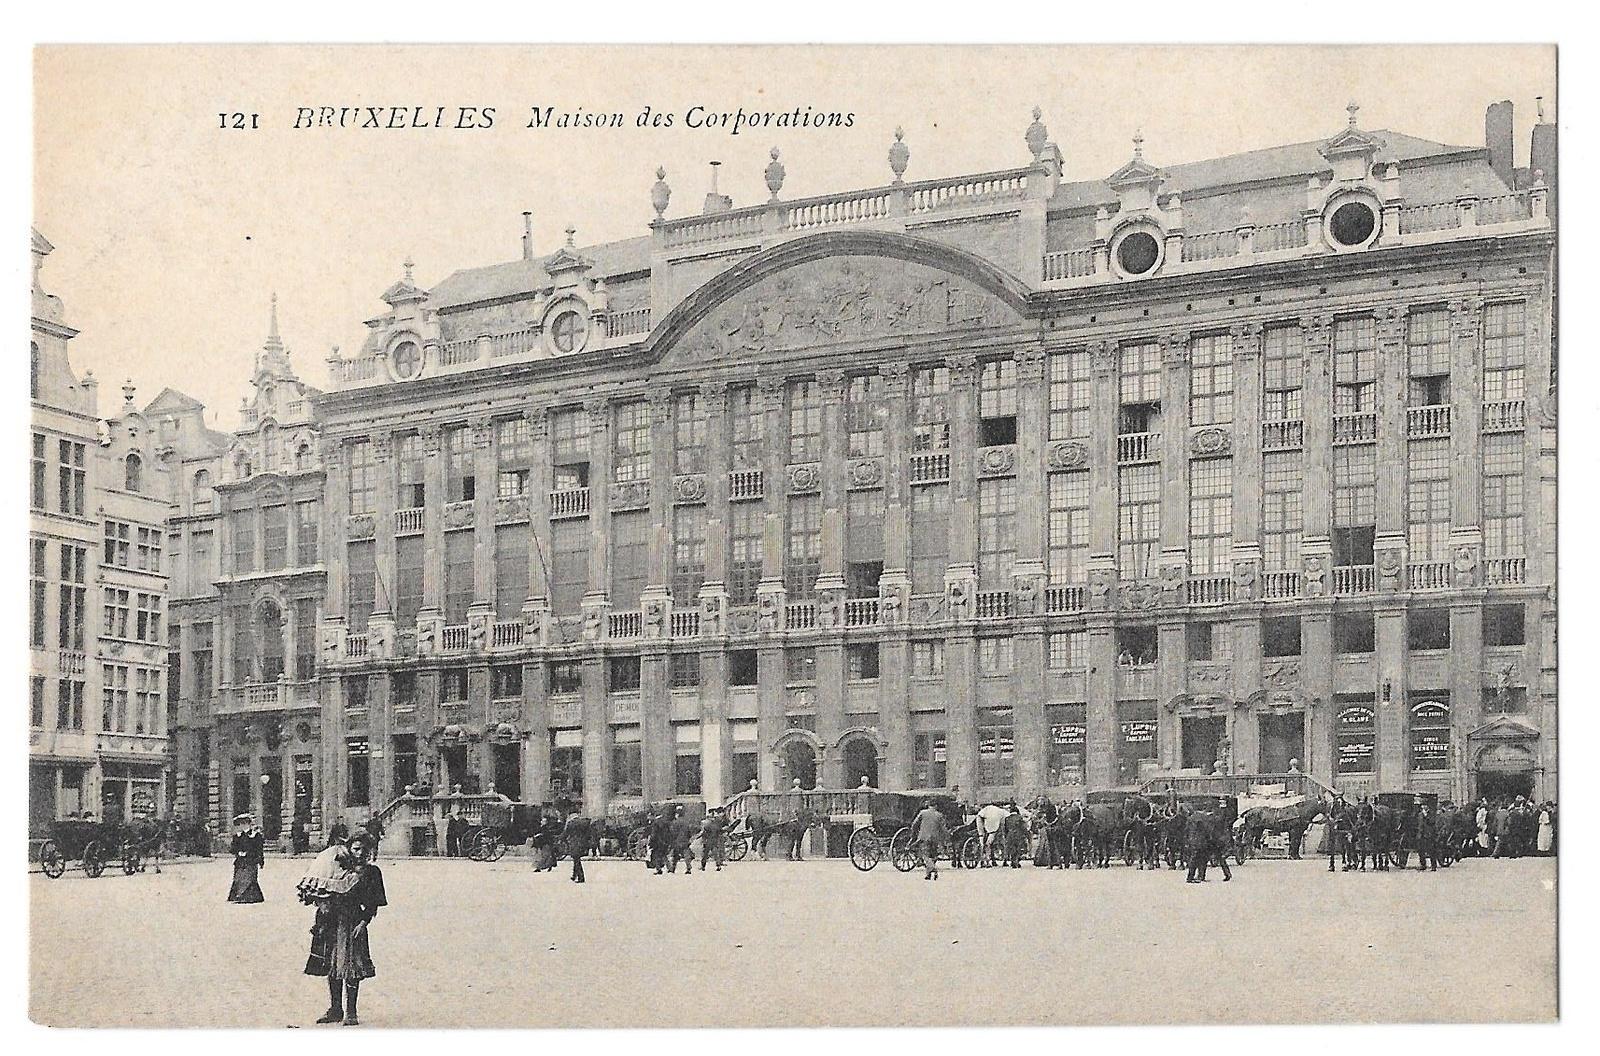 97 br 4950 315 belgium bruxelles brussels maison des corporations